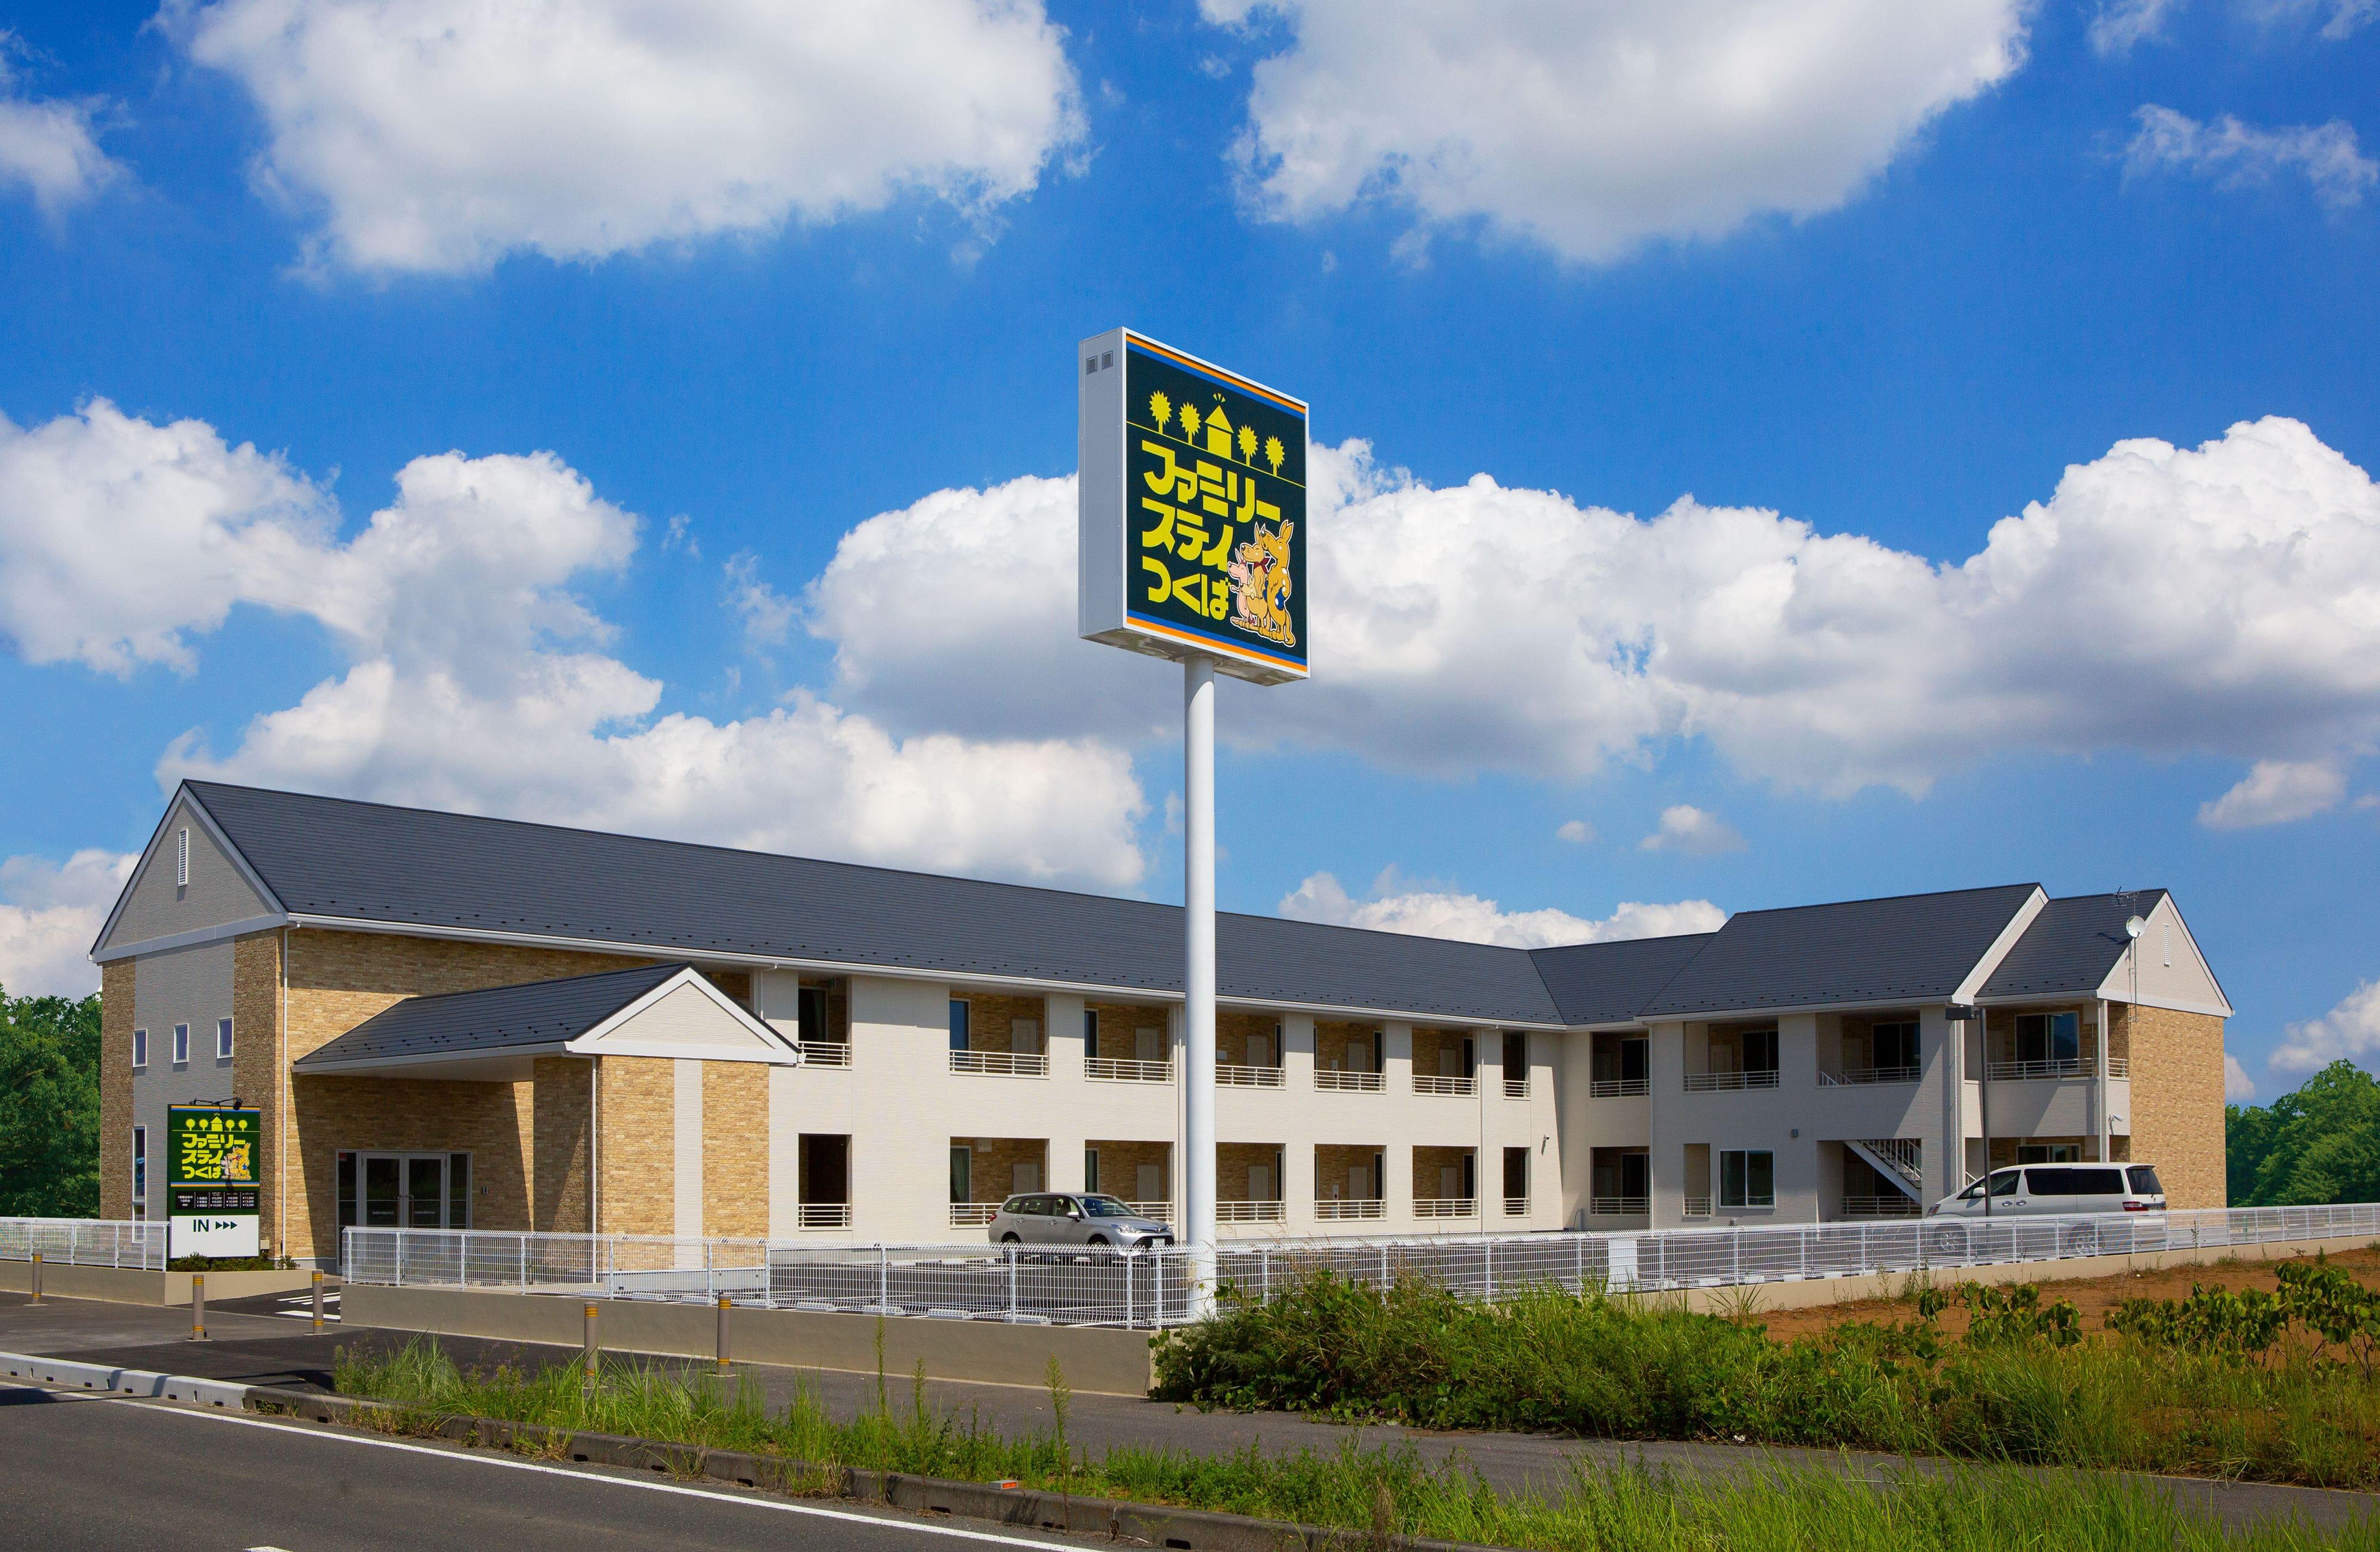 【茨城県つくば市】家族で素泊まりができる『ファミリーステイつくば』が10月1日にオープン!